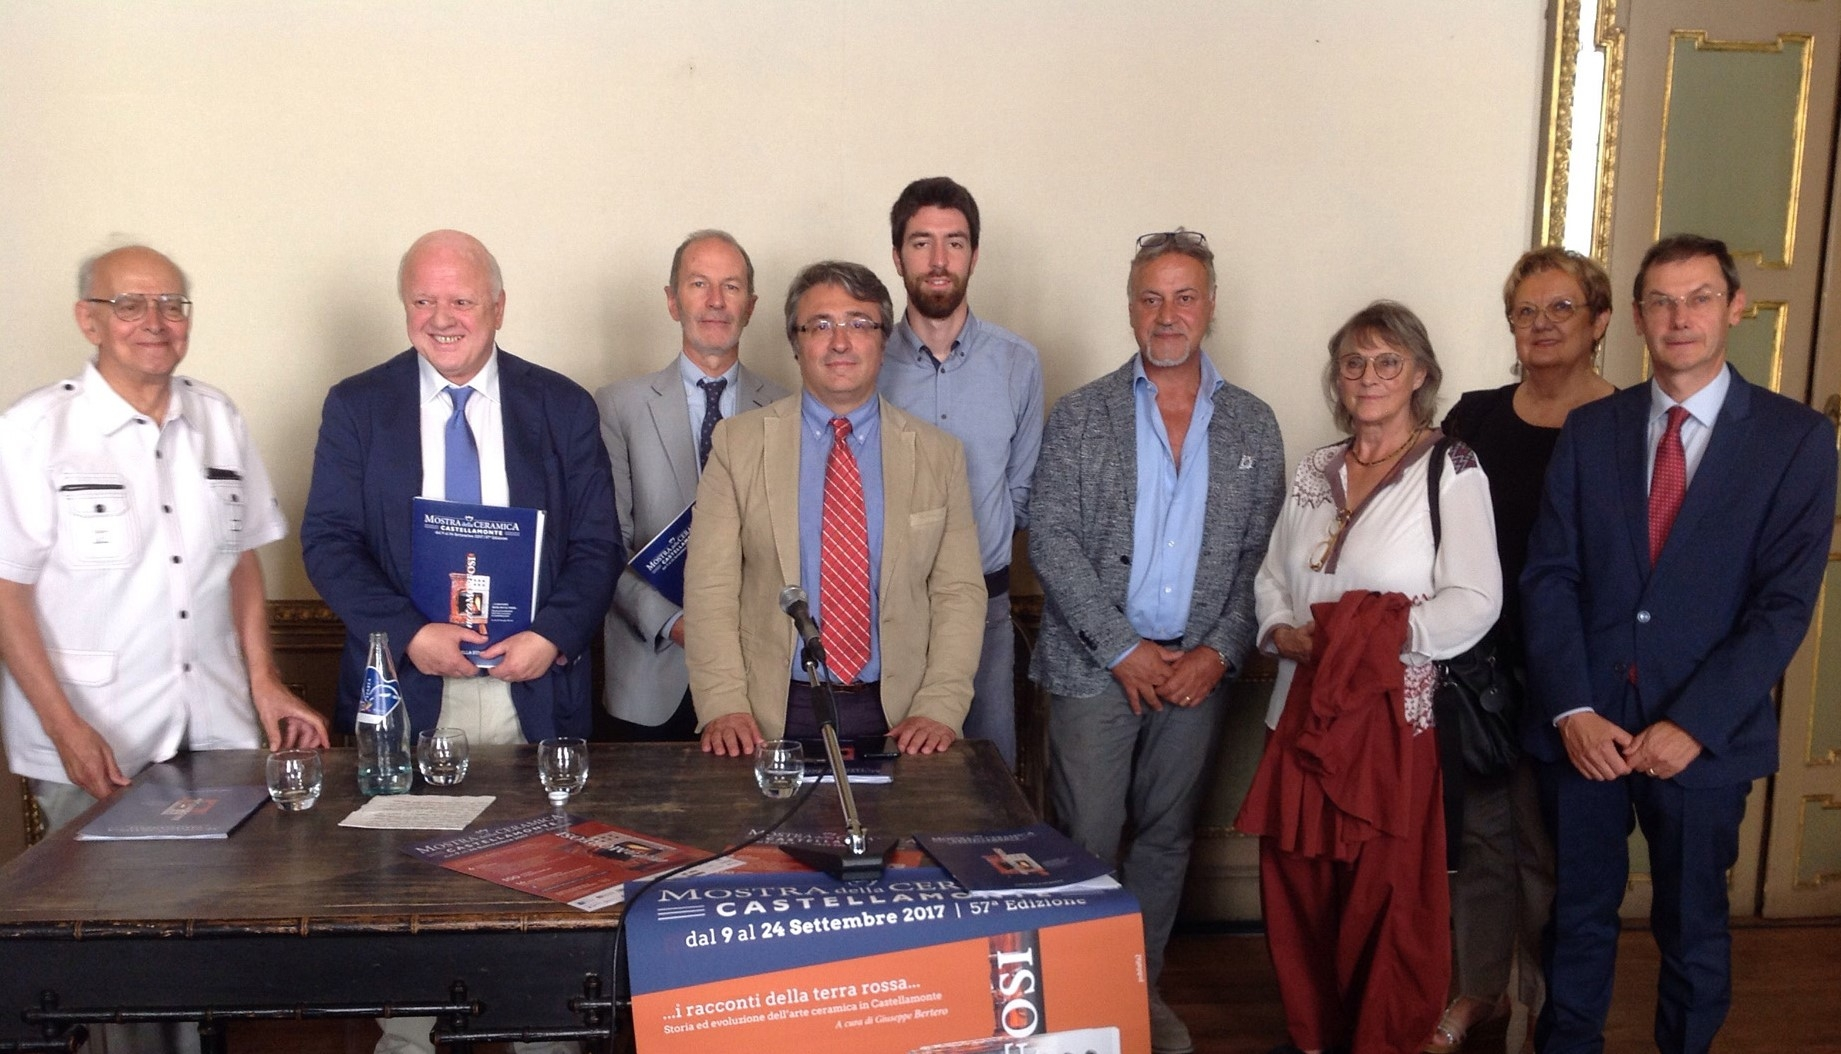 MOSTRA DELLA CERAMICA - Castellamonte celebra la storia della Terra Rossa - FOTO